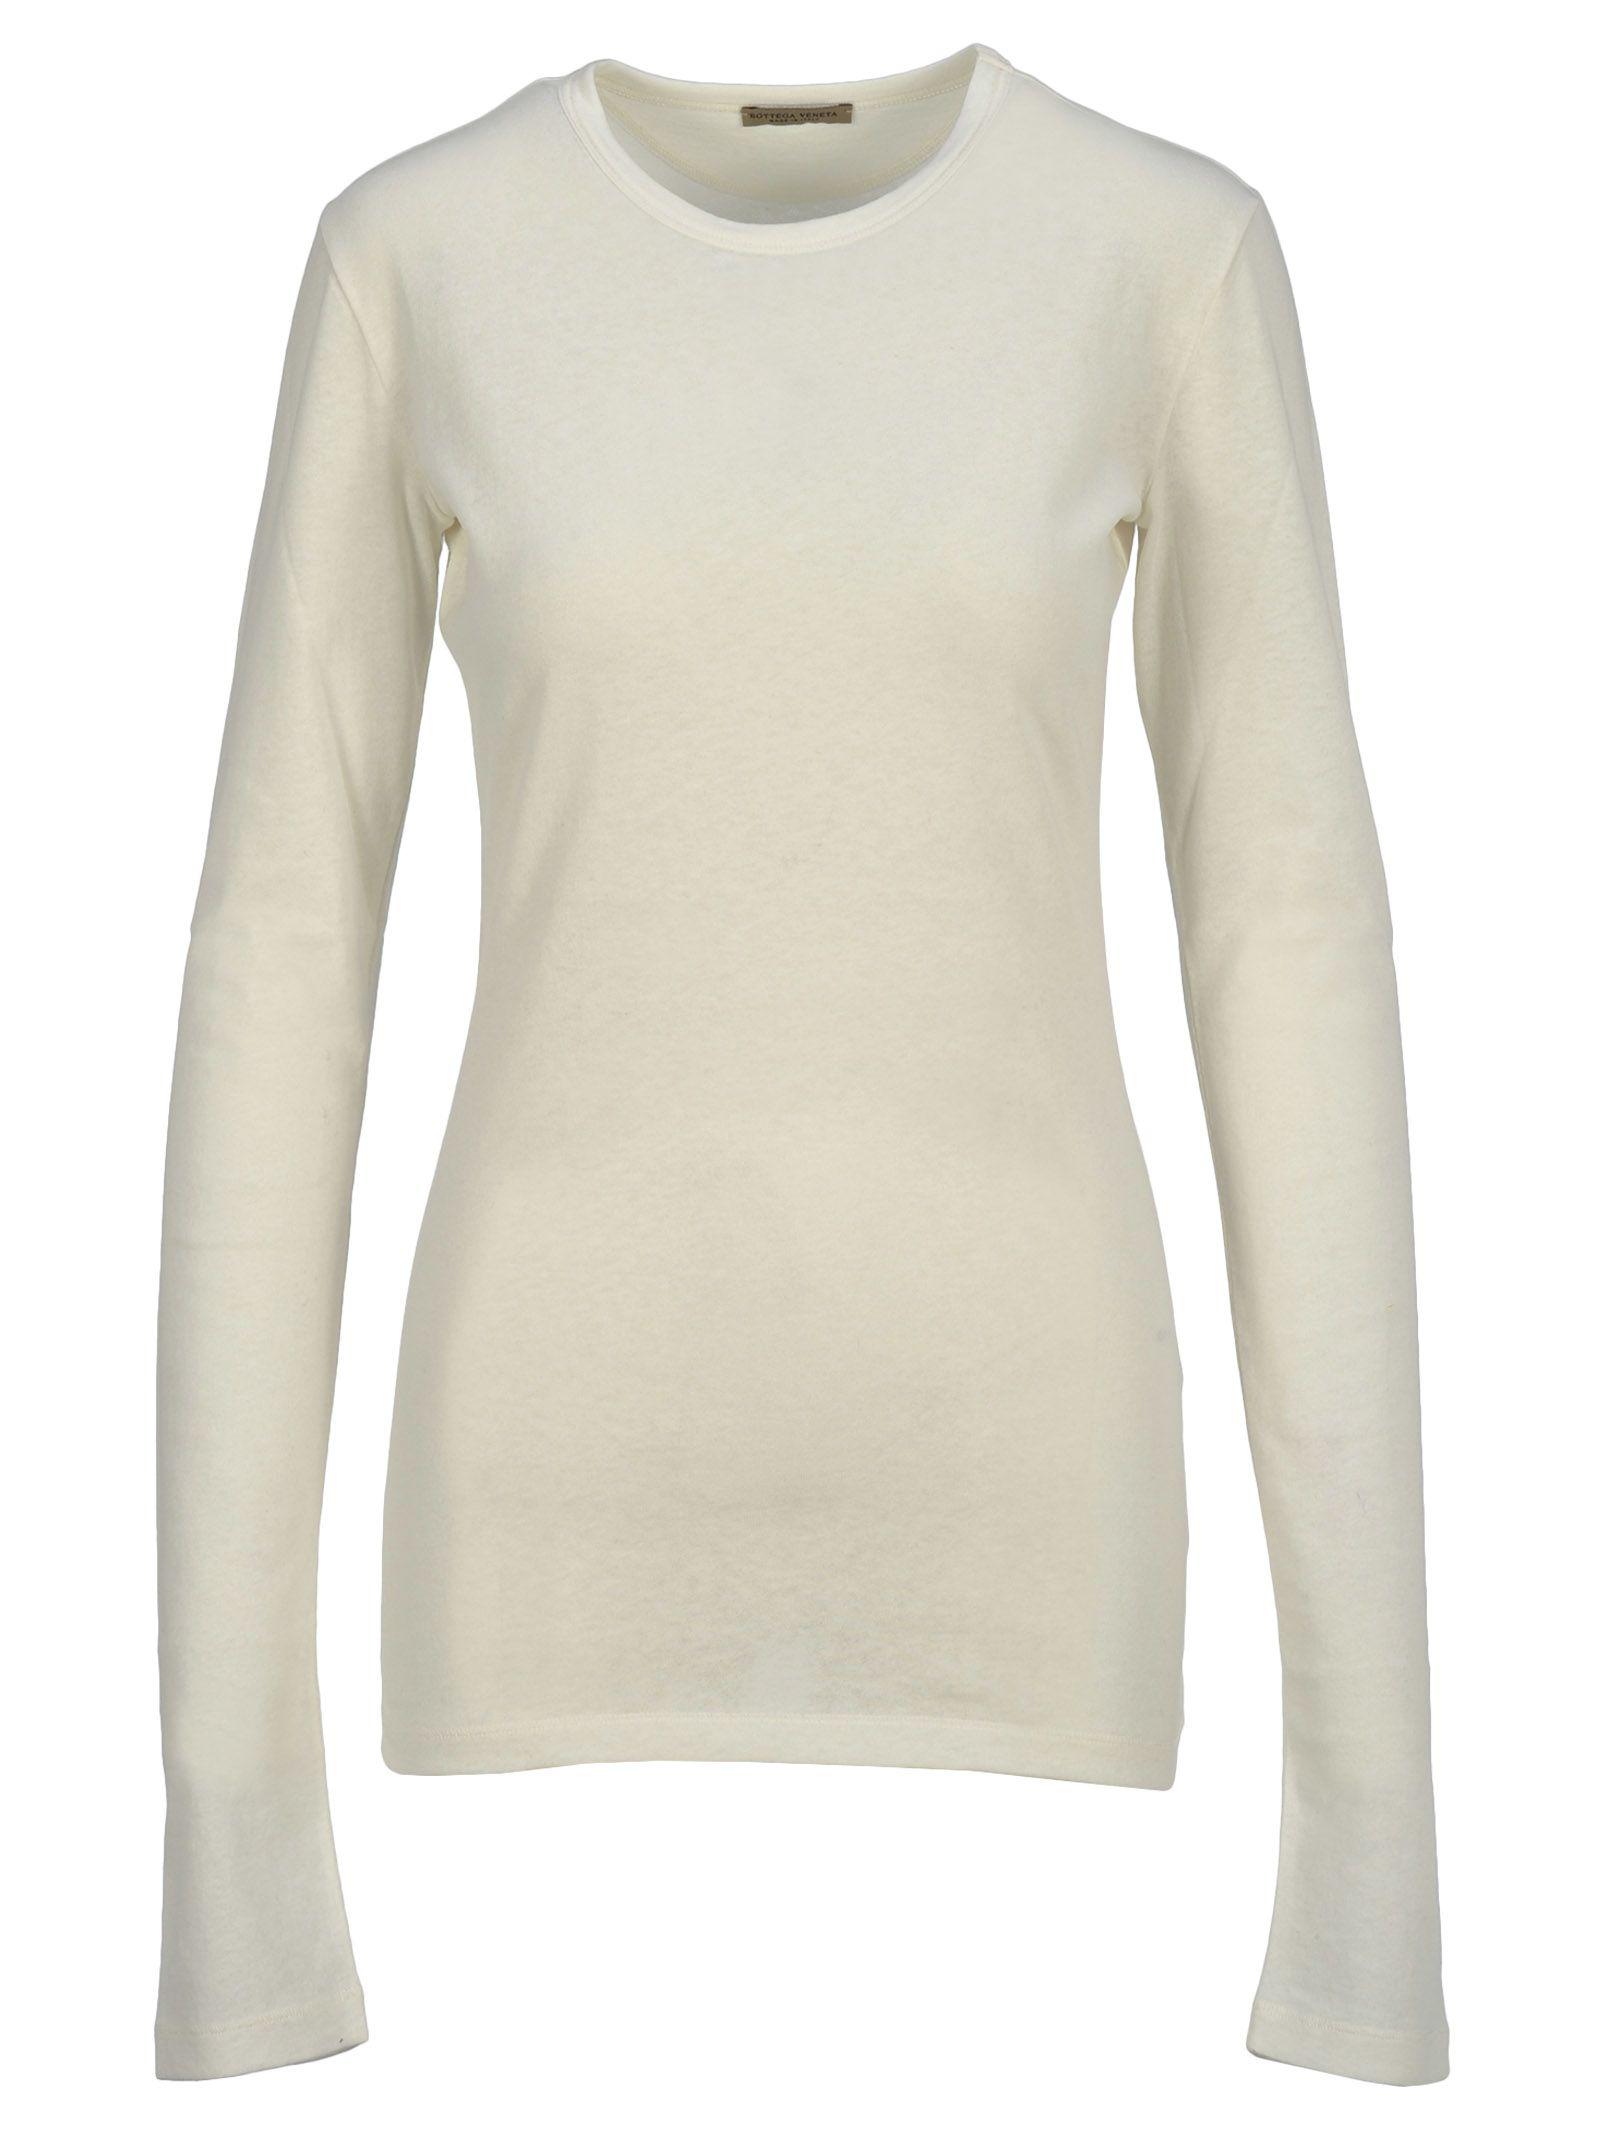 1186bac572c17 Bottega Veneta Longsleeved T-Shirt In Off White | ModeSens